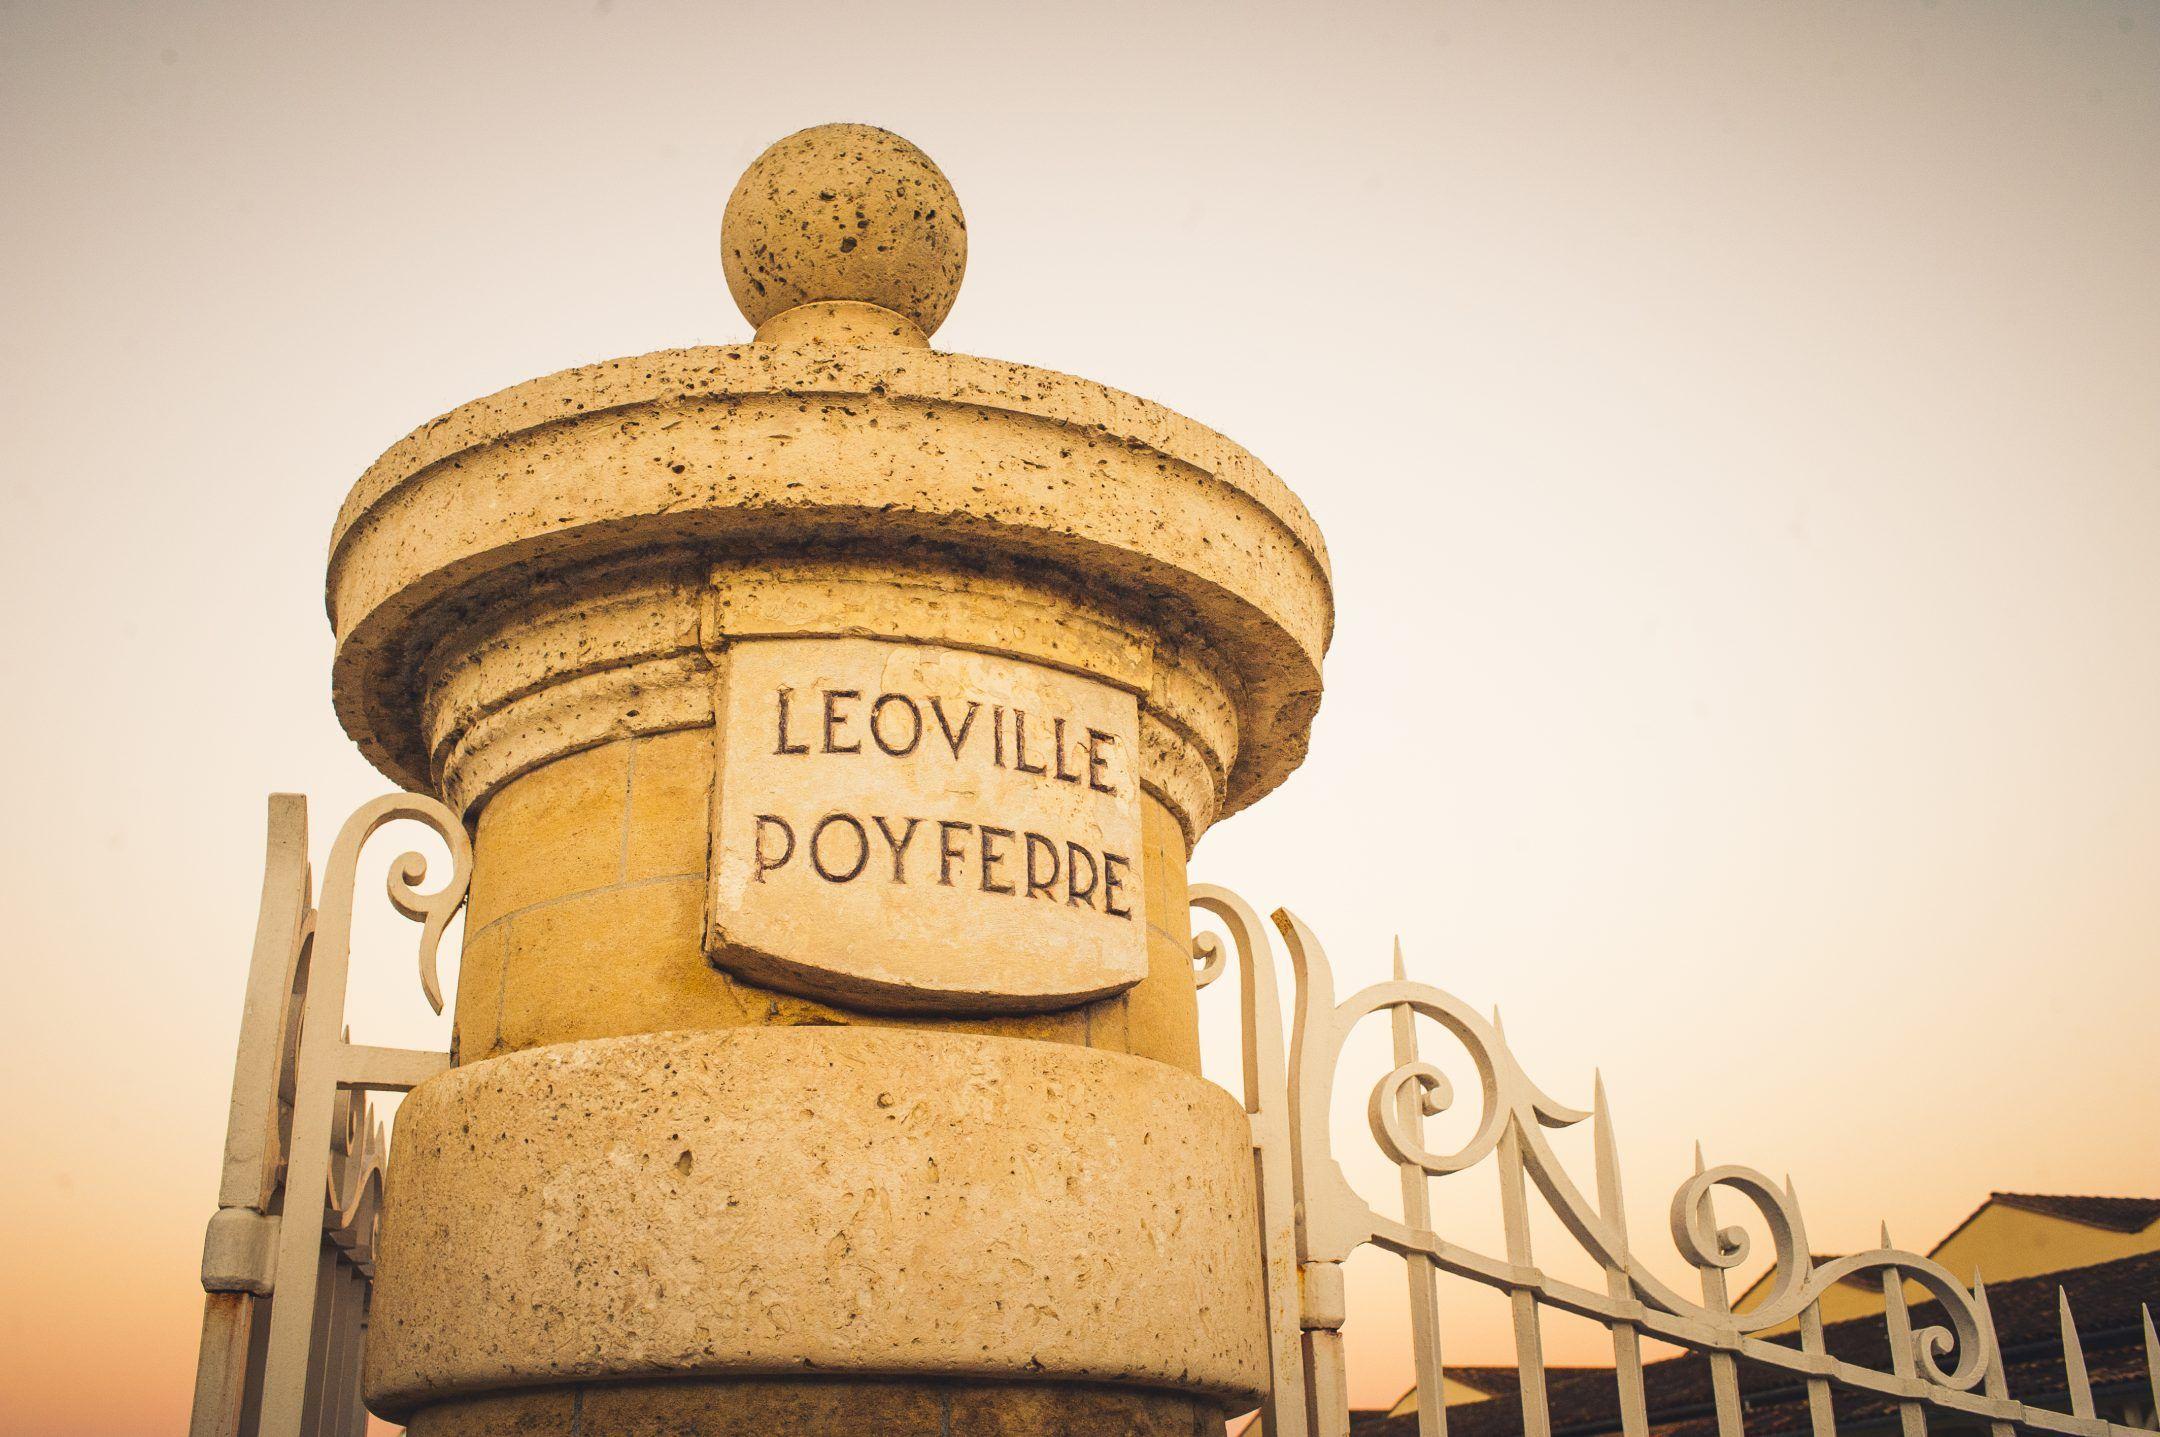 Property - Léoville Poyferré